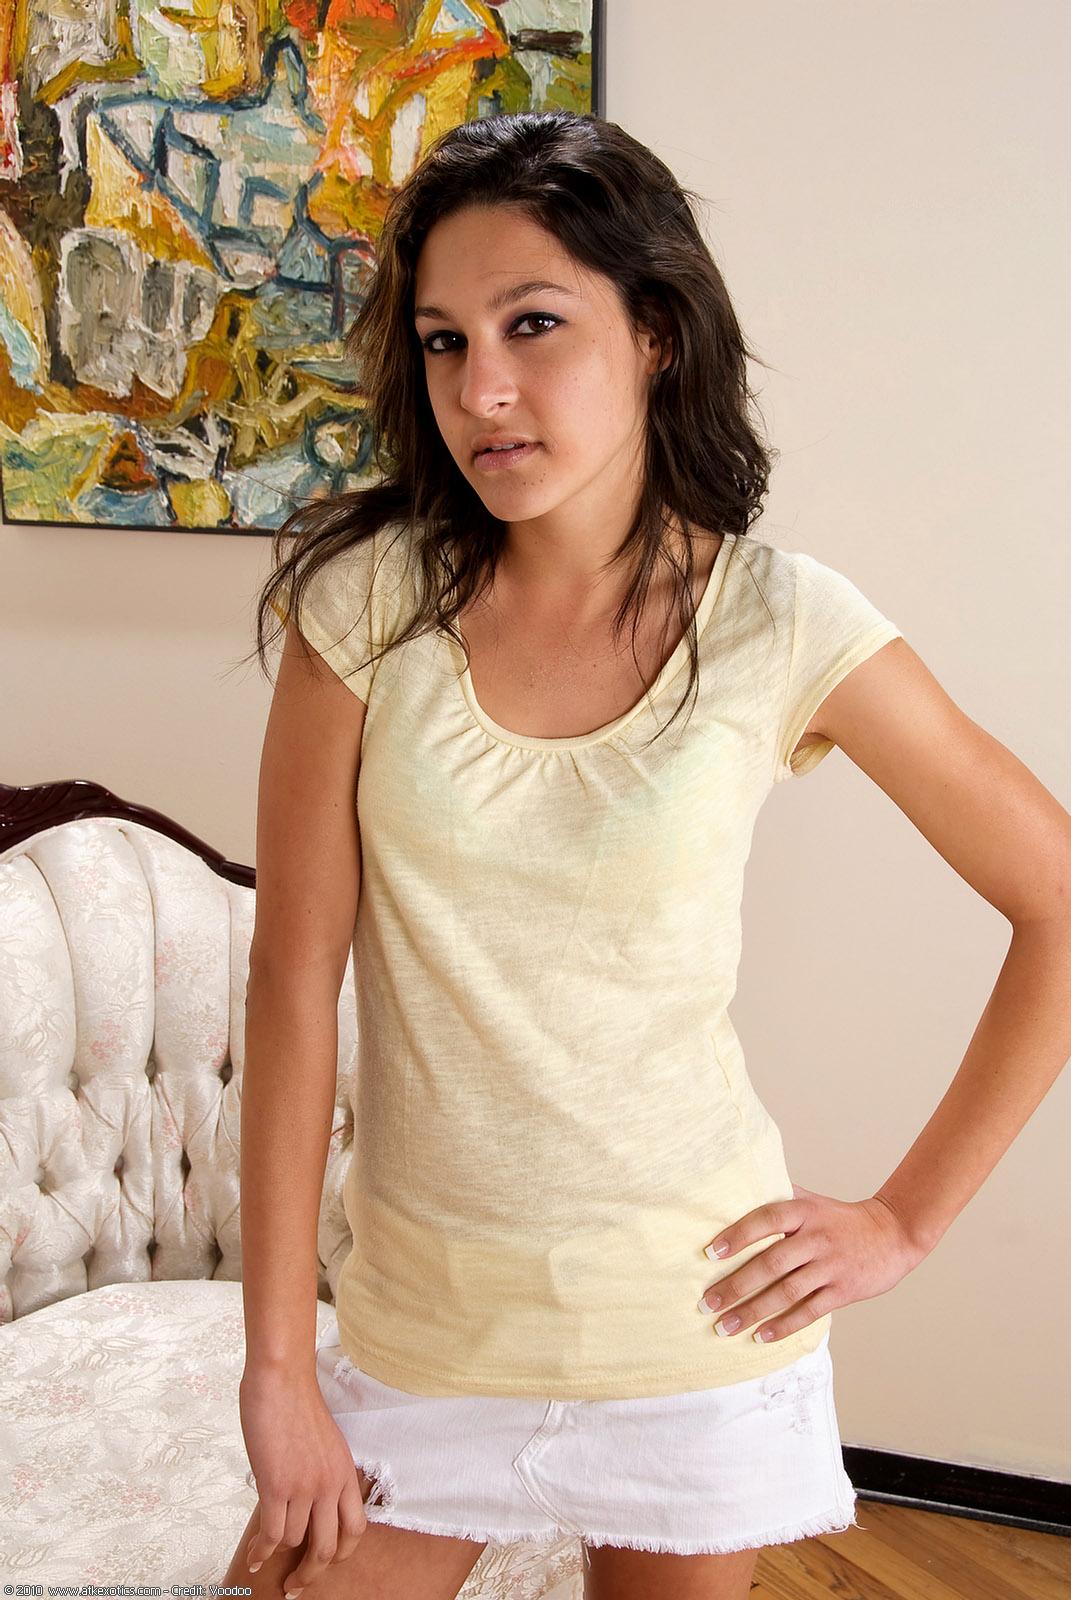 Atk Exotic Galleries  Side Tie Full Bottom Satin Panties -5076